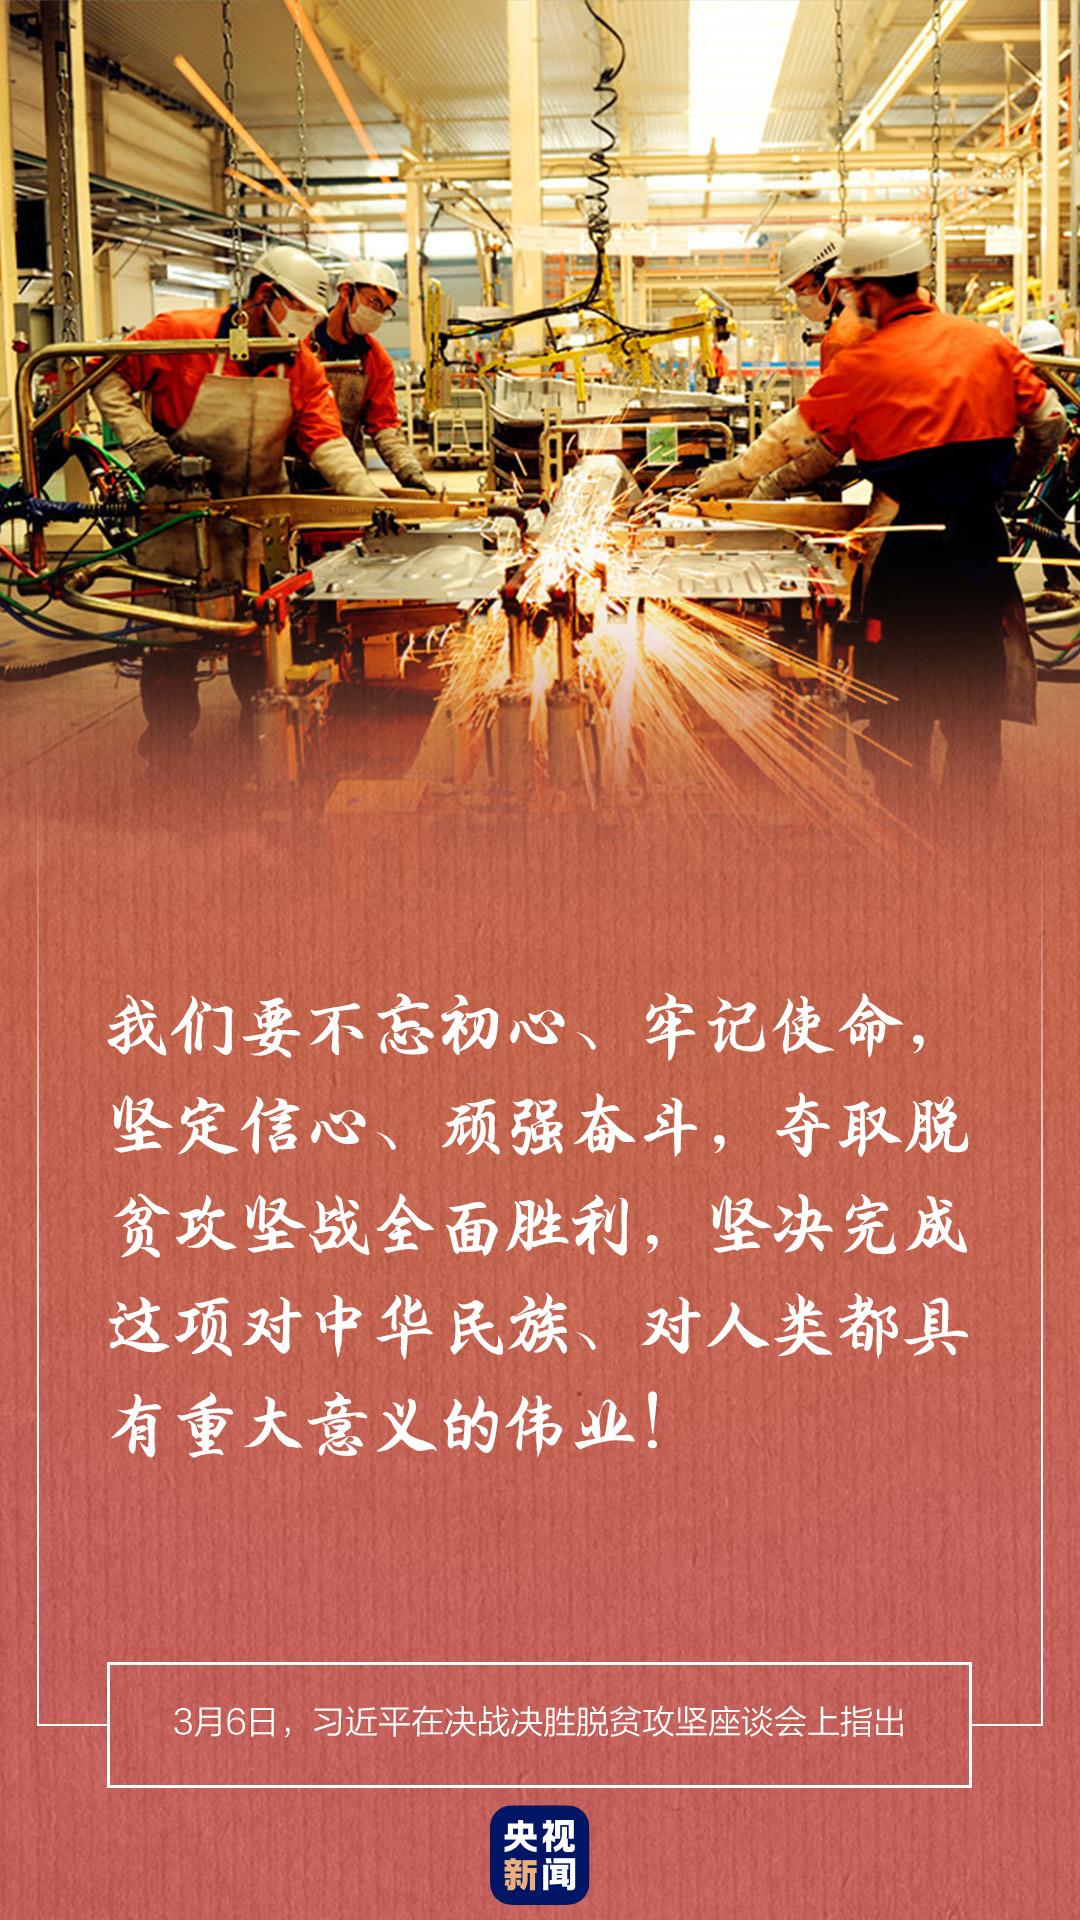 劳动节,重温习近平关于奋斗的话语